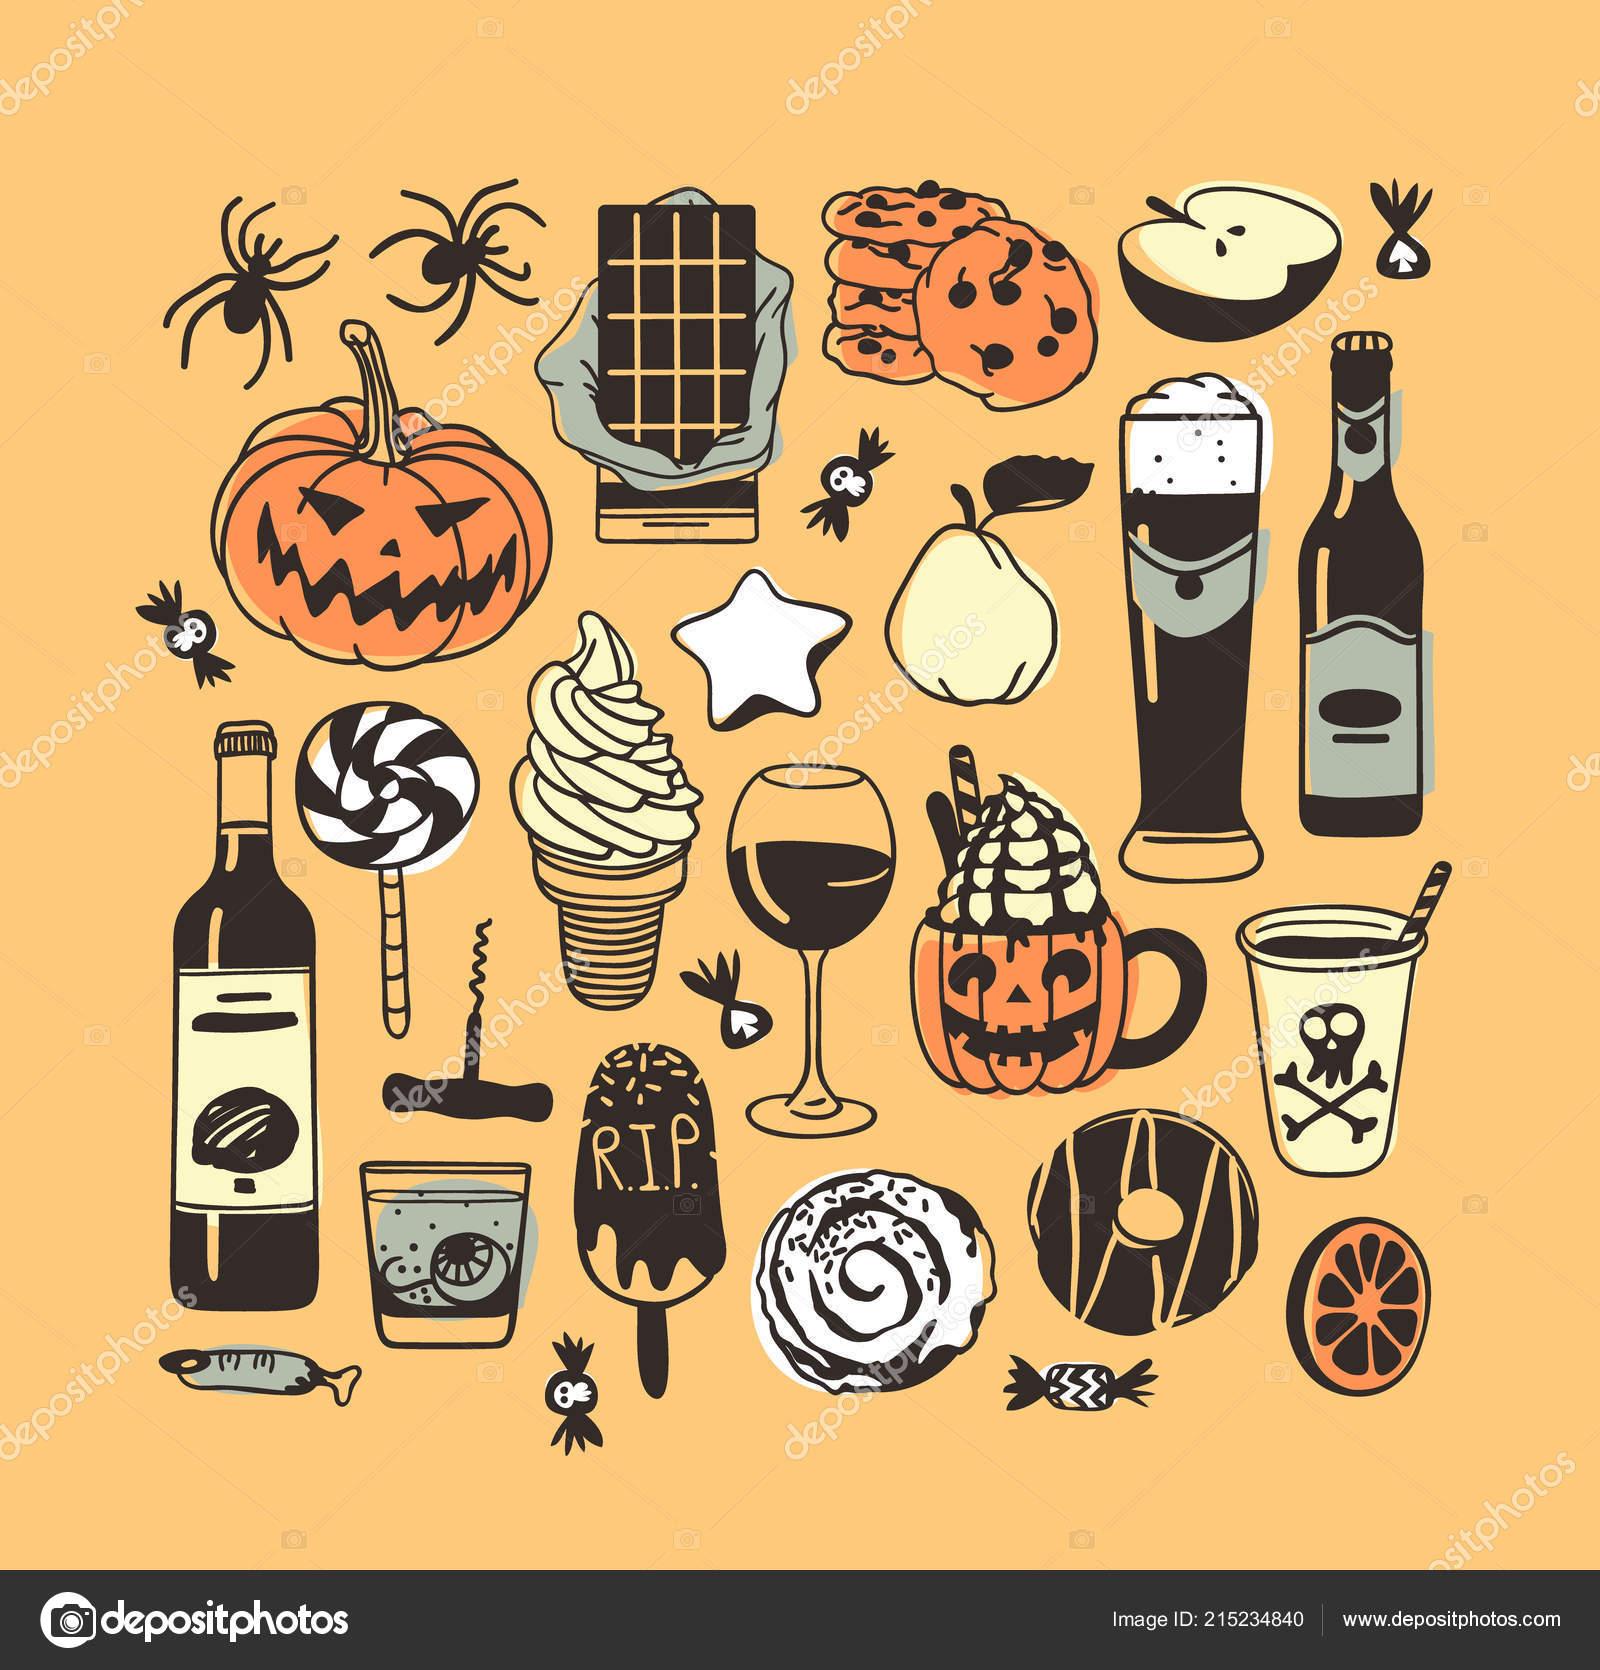 Rucne Kreslene Ilustrace Candy Cookie Dyne Zmrzlina Koktejl Tvurci